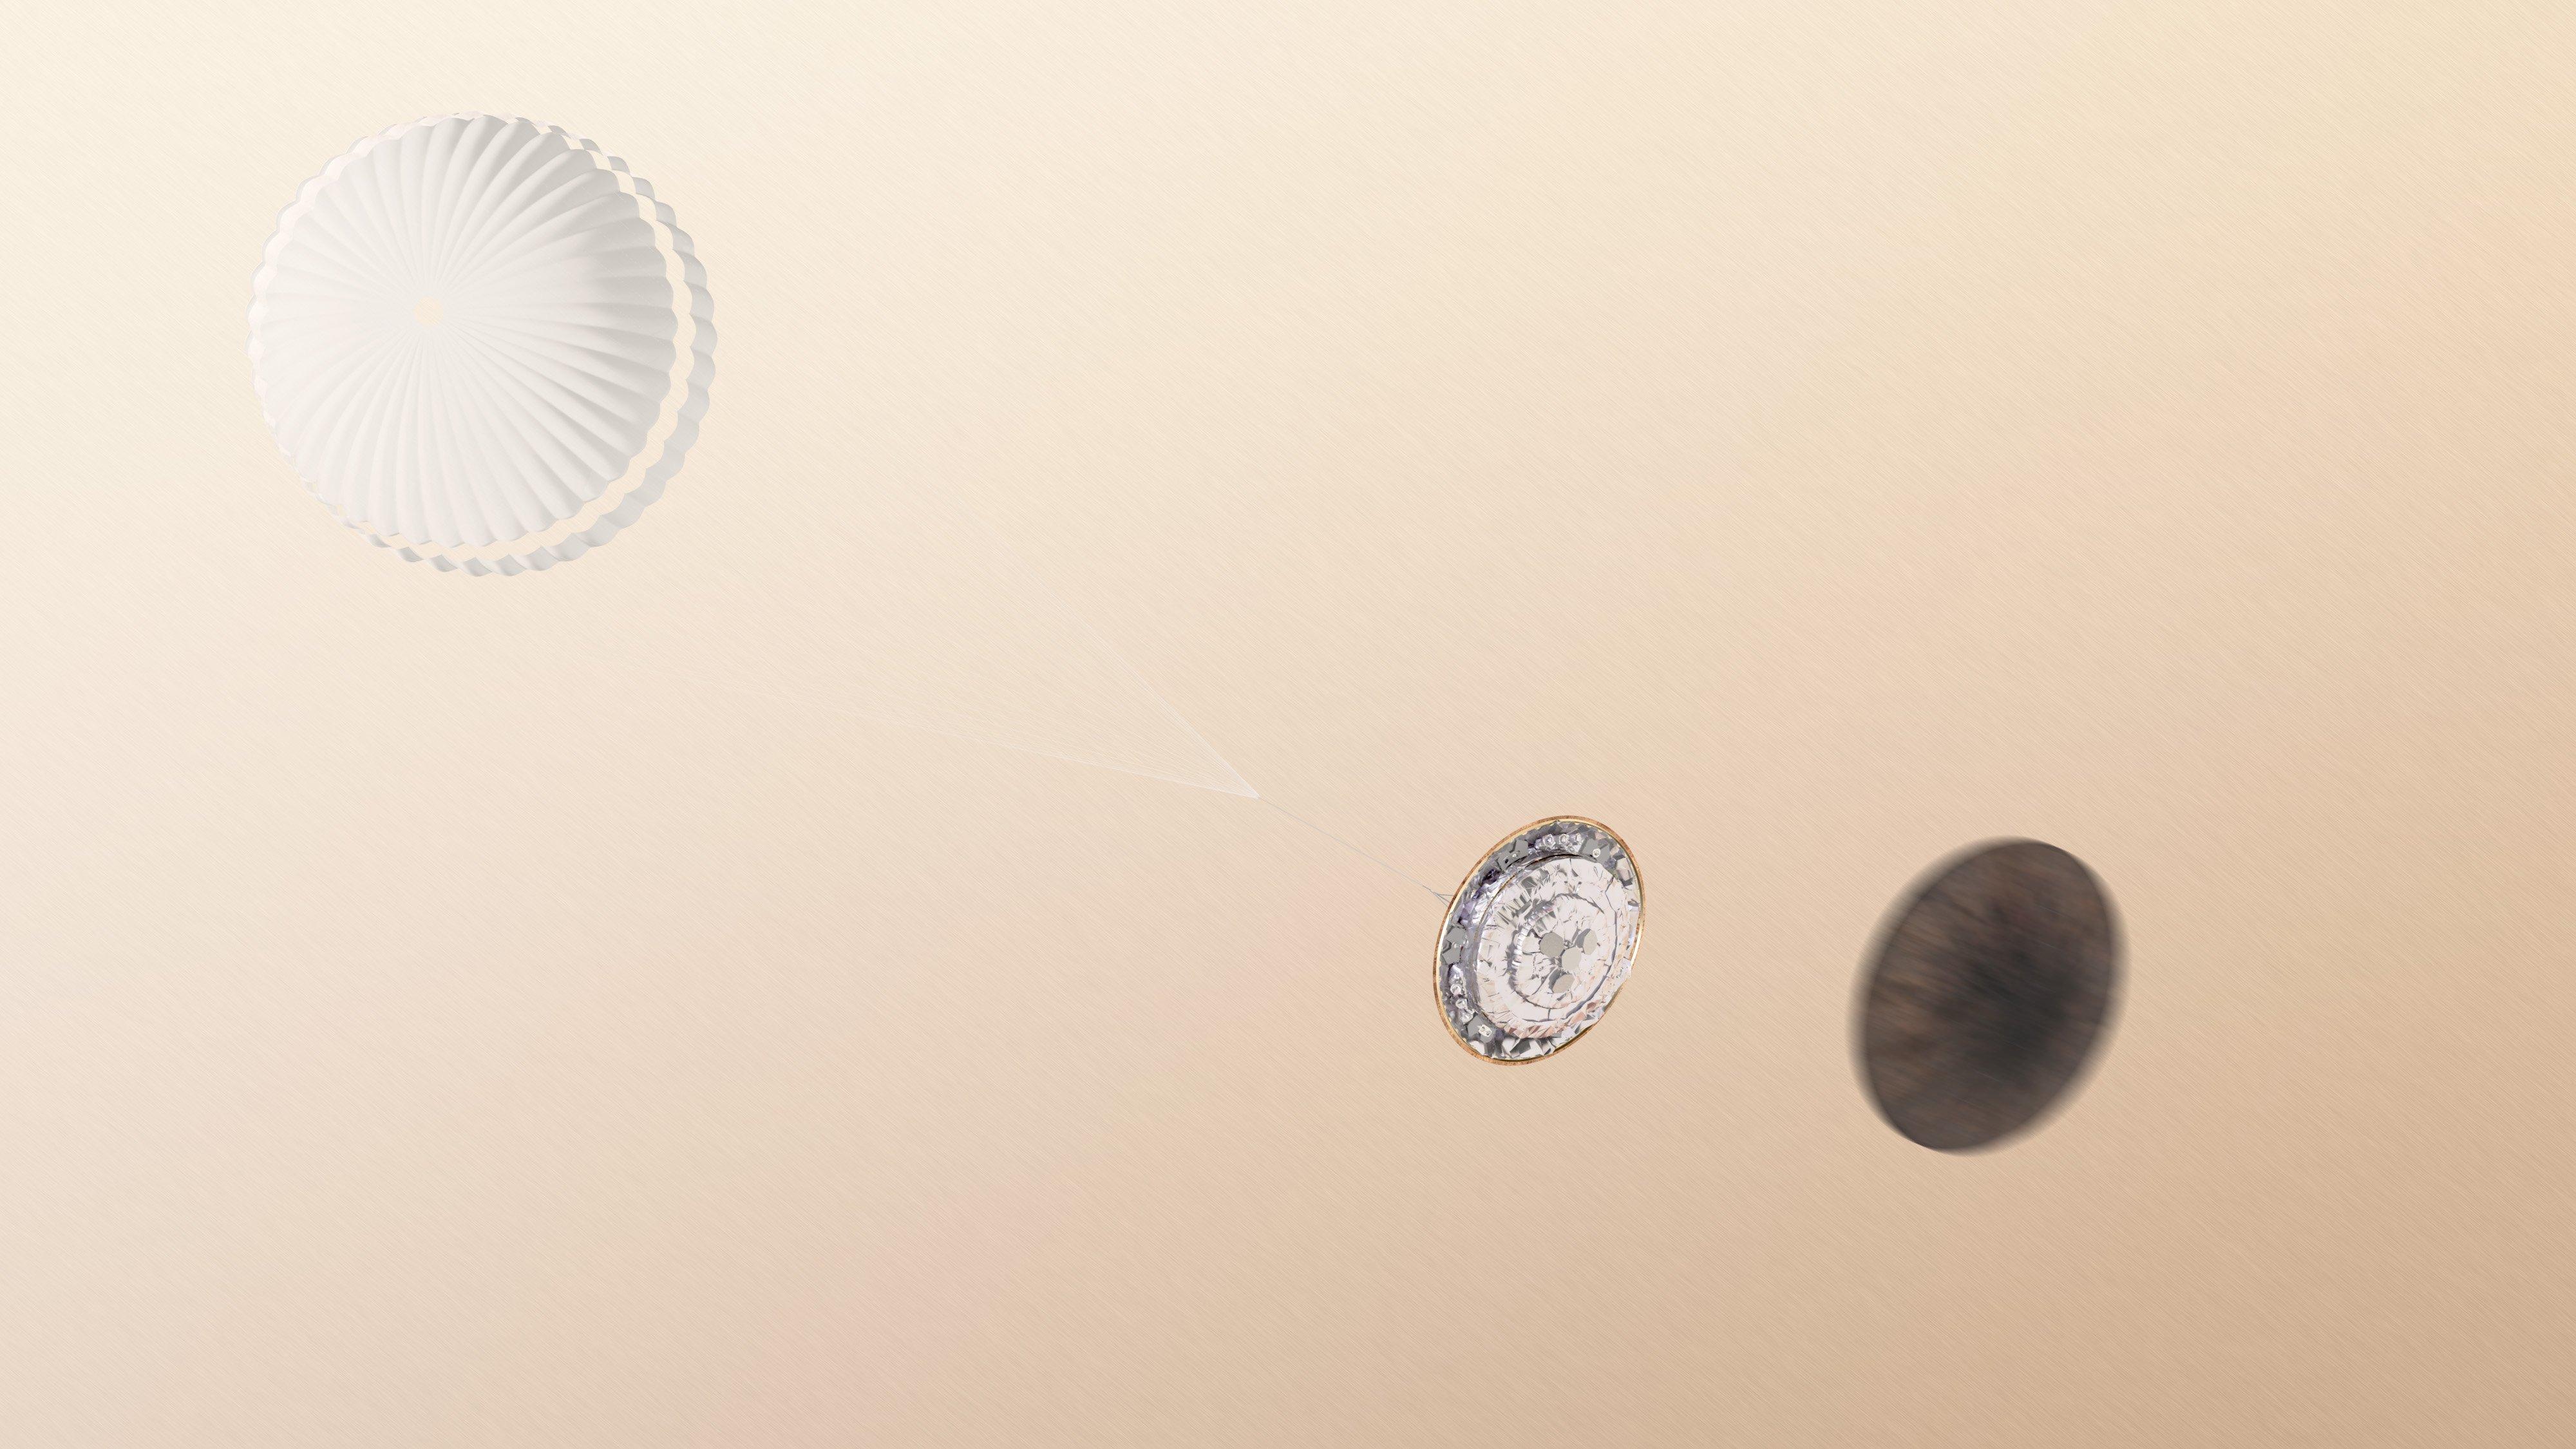 Тайна Красной планеты: зачем землянам Марс